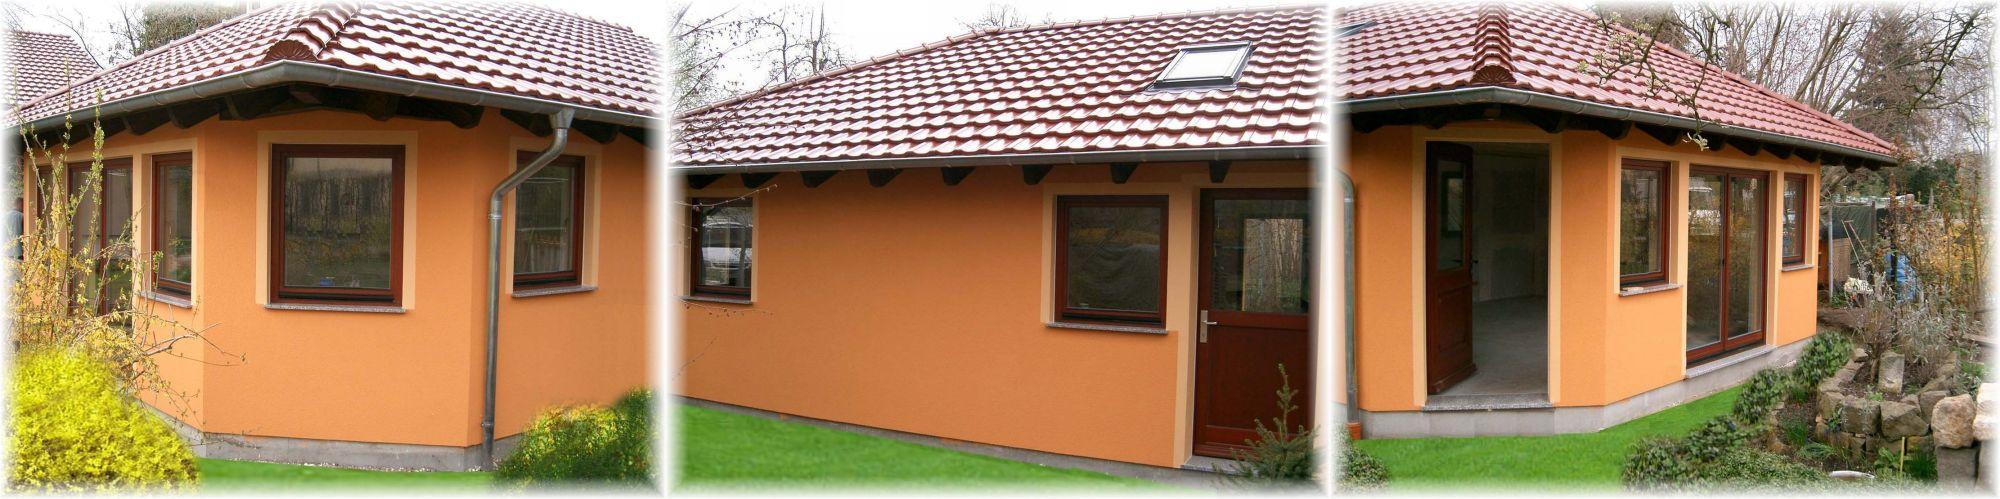 Fassadenfarbe beispiele gestaltung bungalow  AUSBAU DETLEFSEN | Referenzen